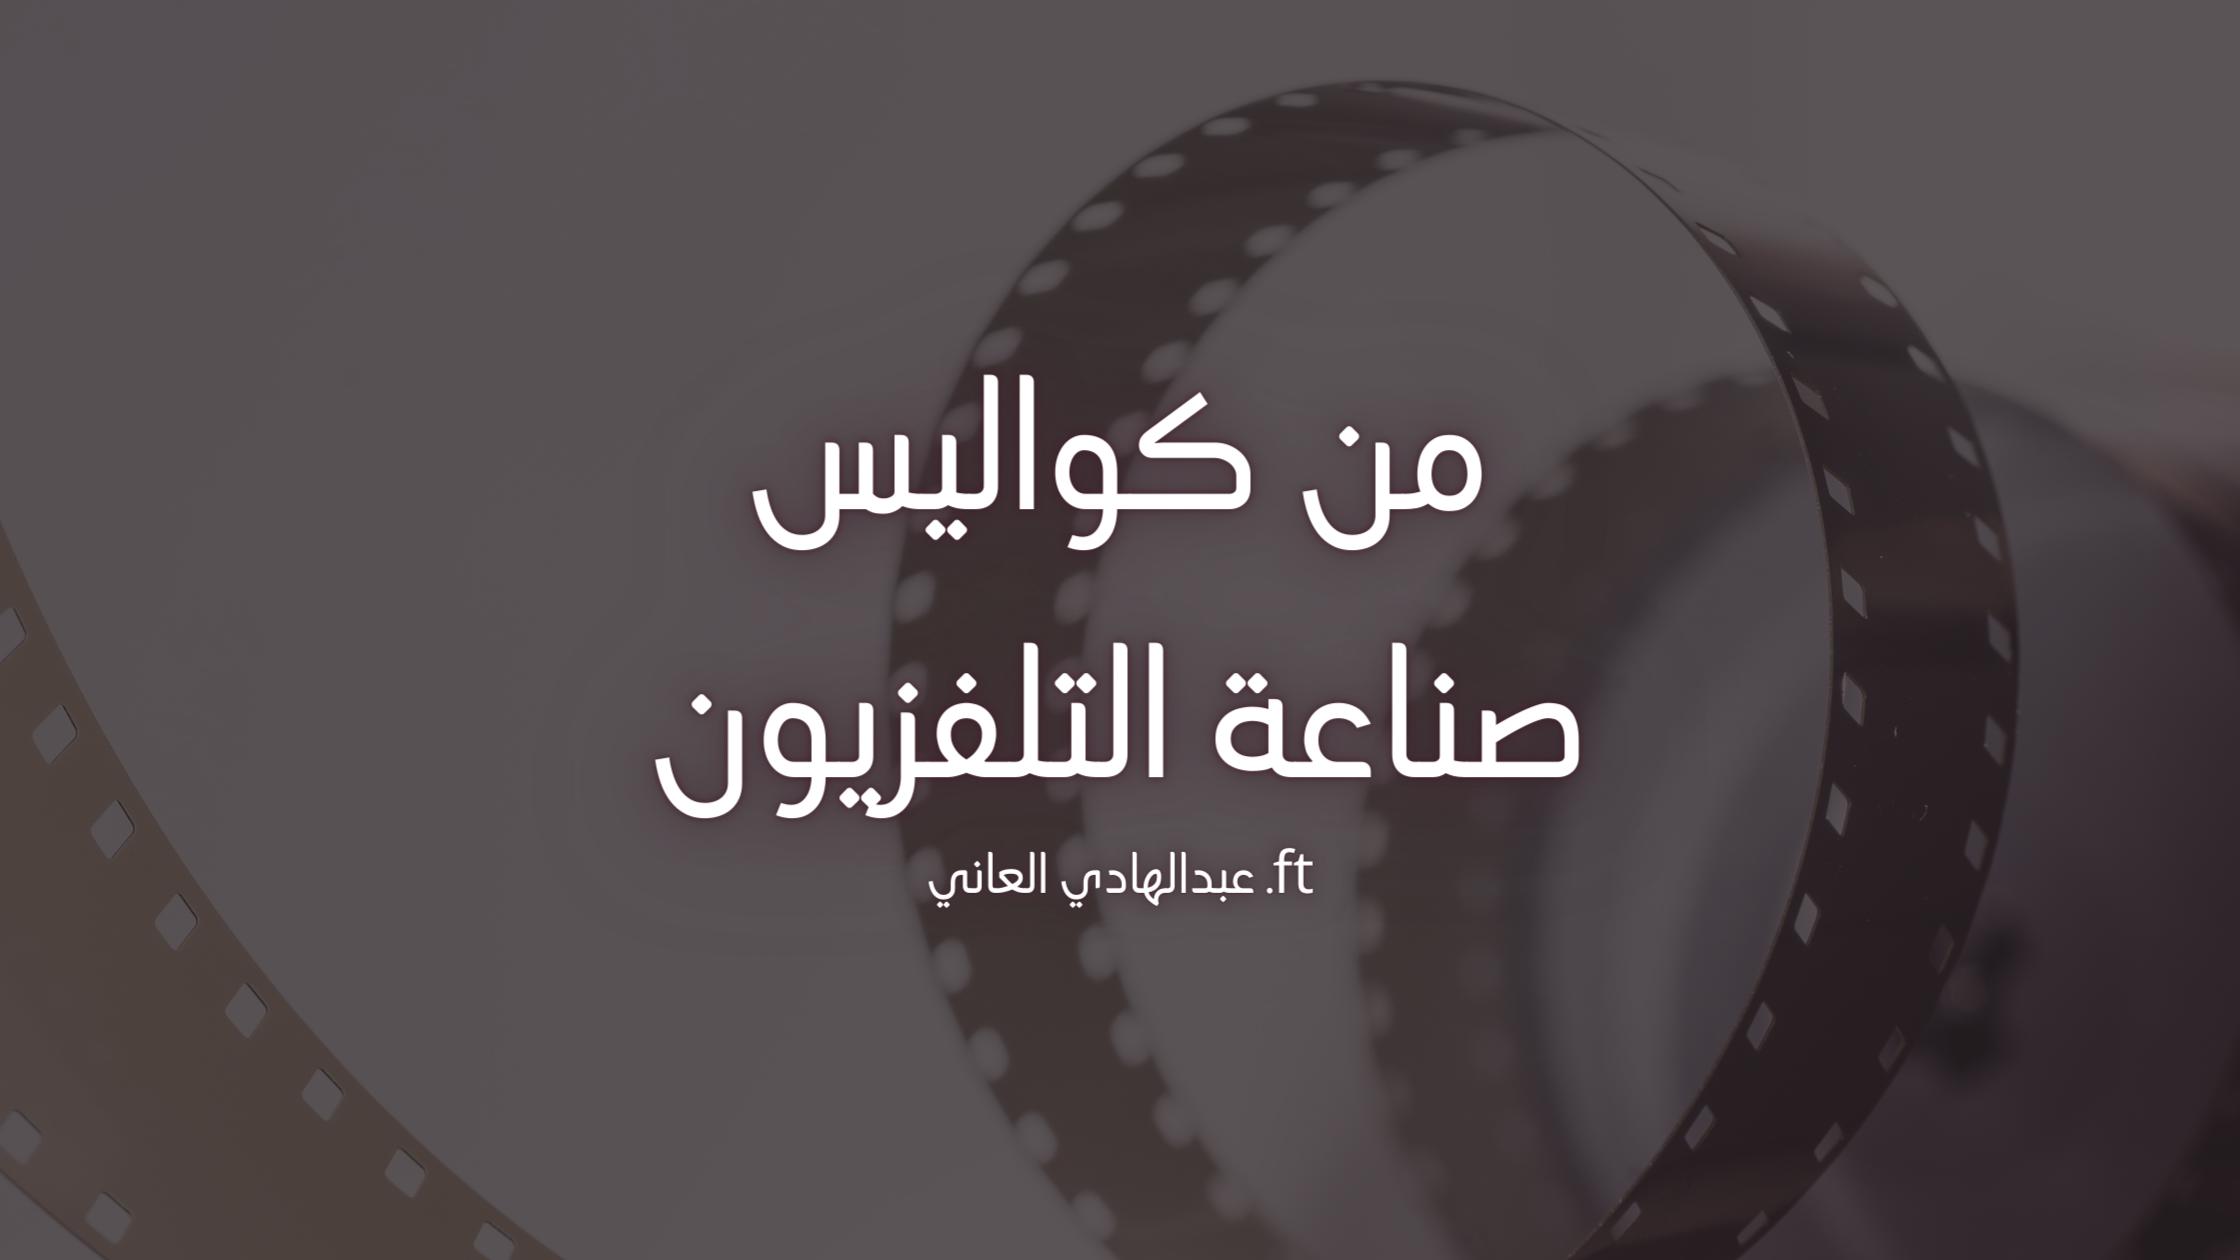 من كواليس عالم التلفزيون مع عبدالهادي العاني – بودكاست #1